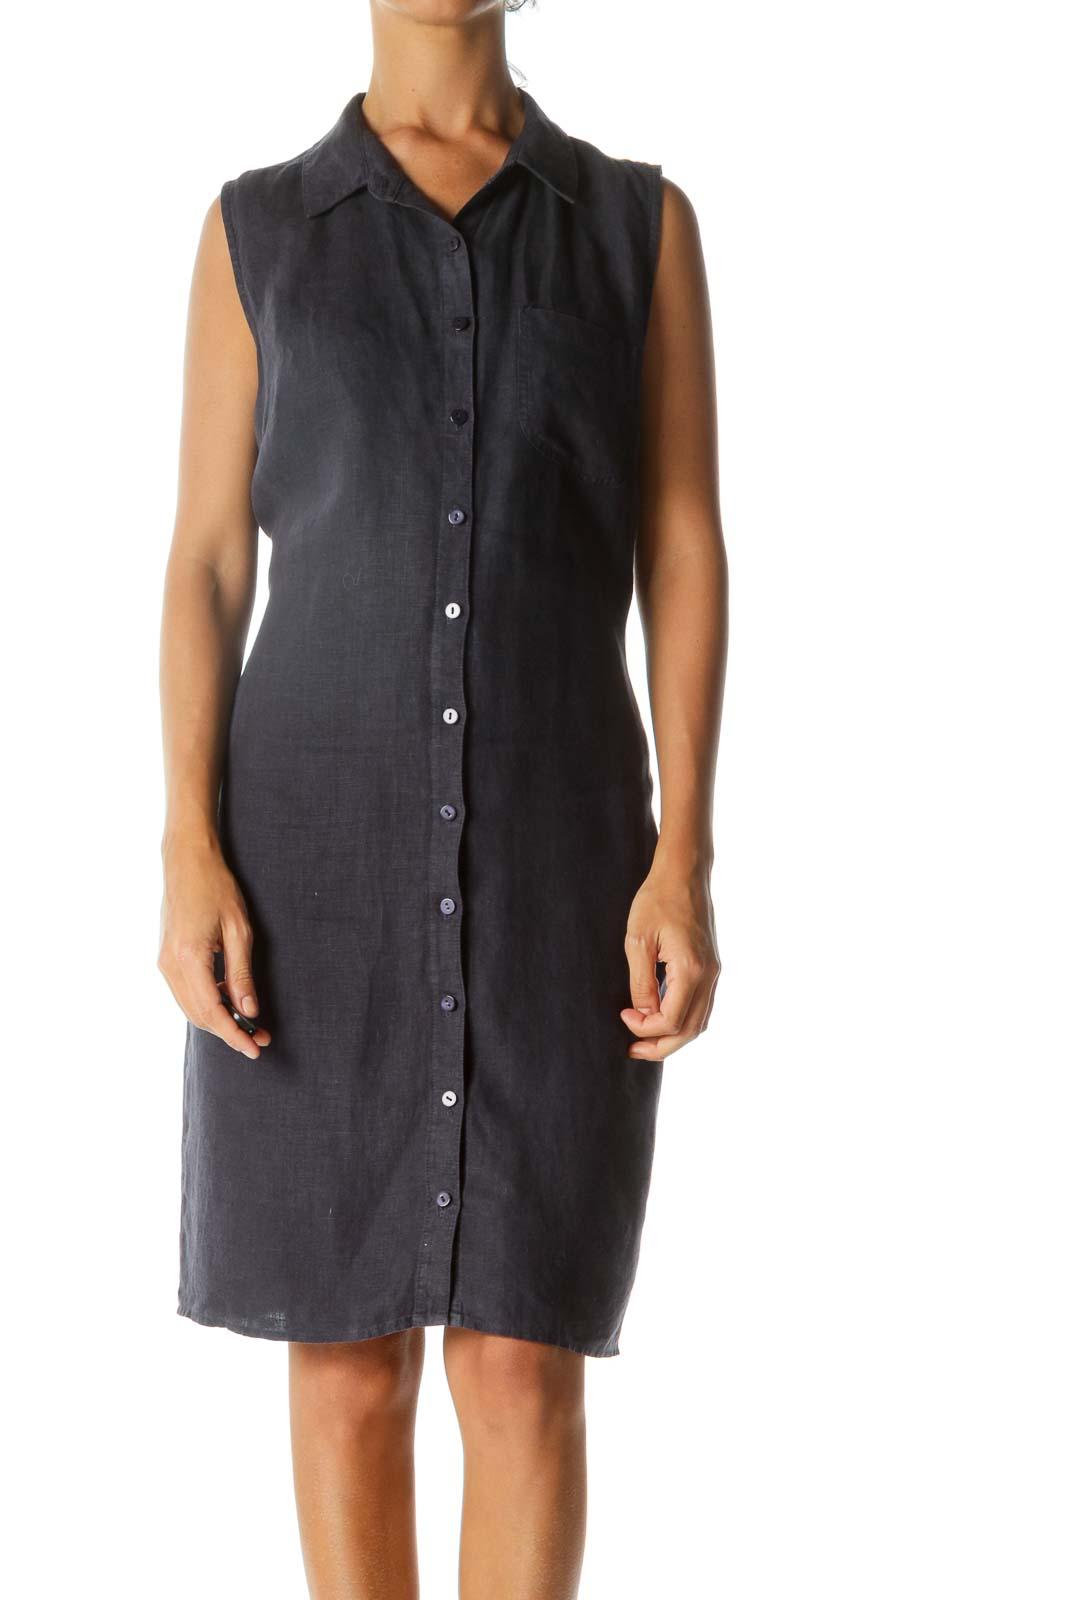 Navy Linen Sleeveless Buttoned Shirt Dress Front